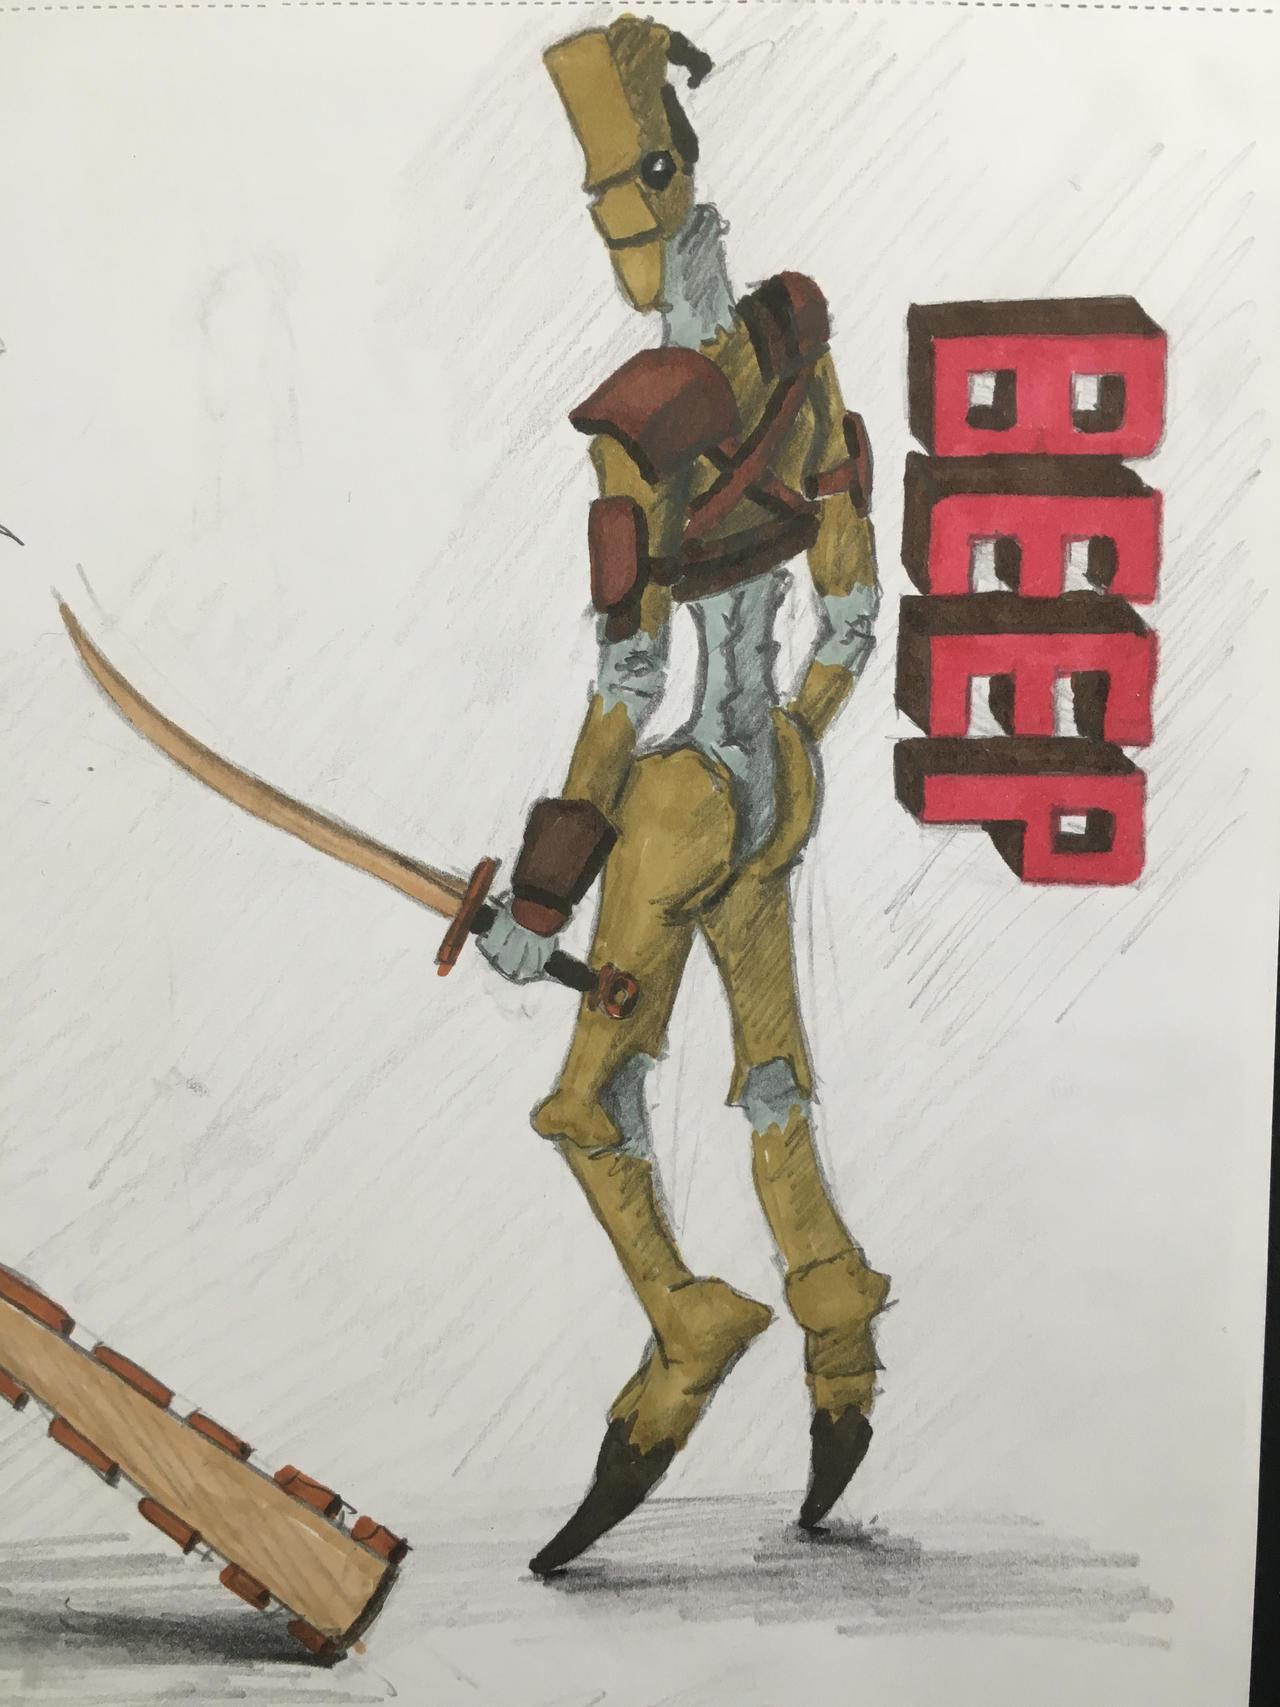 Kenshi: Beep fan art by Donfeud on DeviantArt